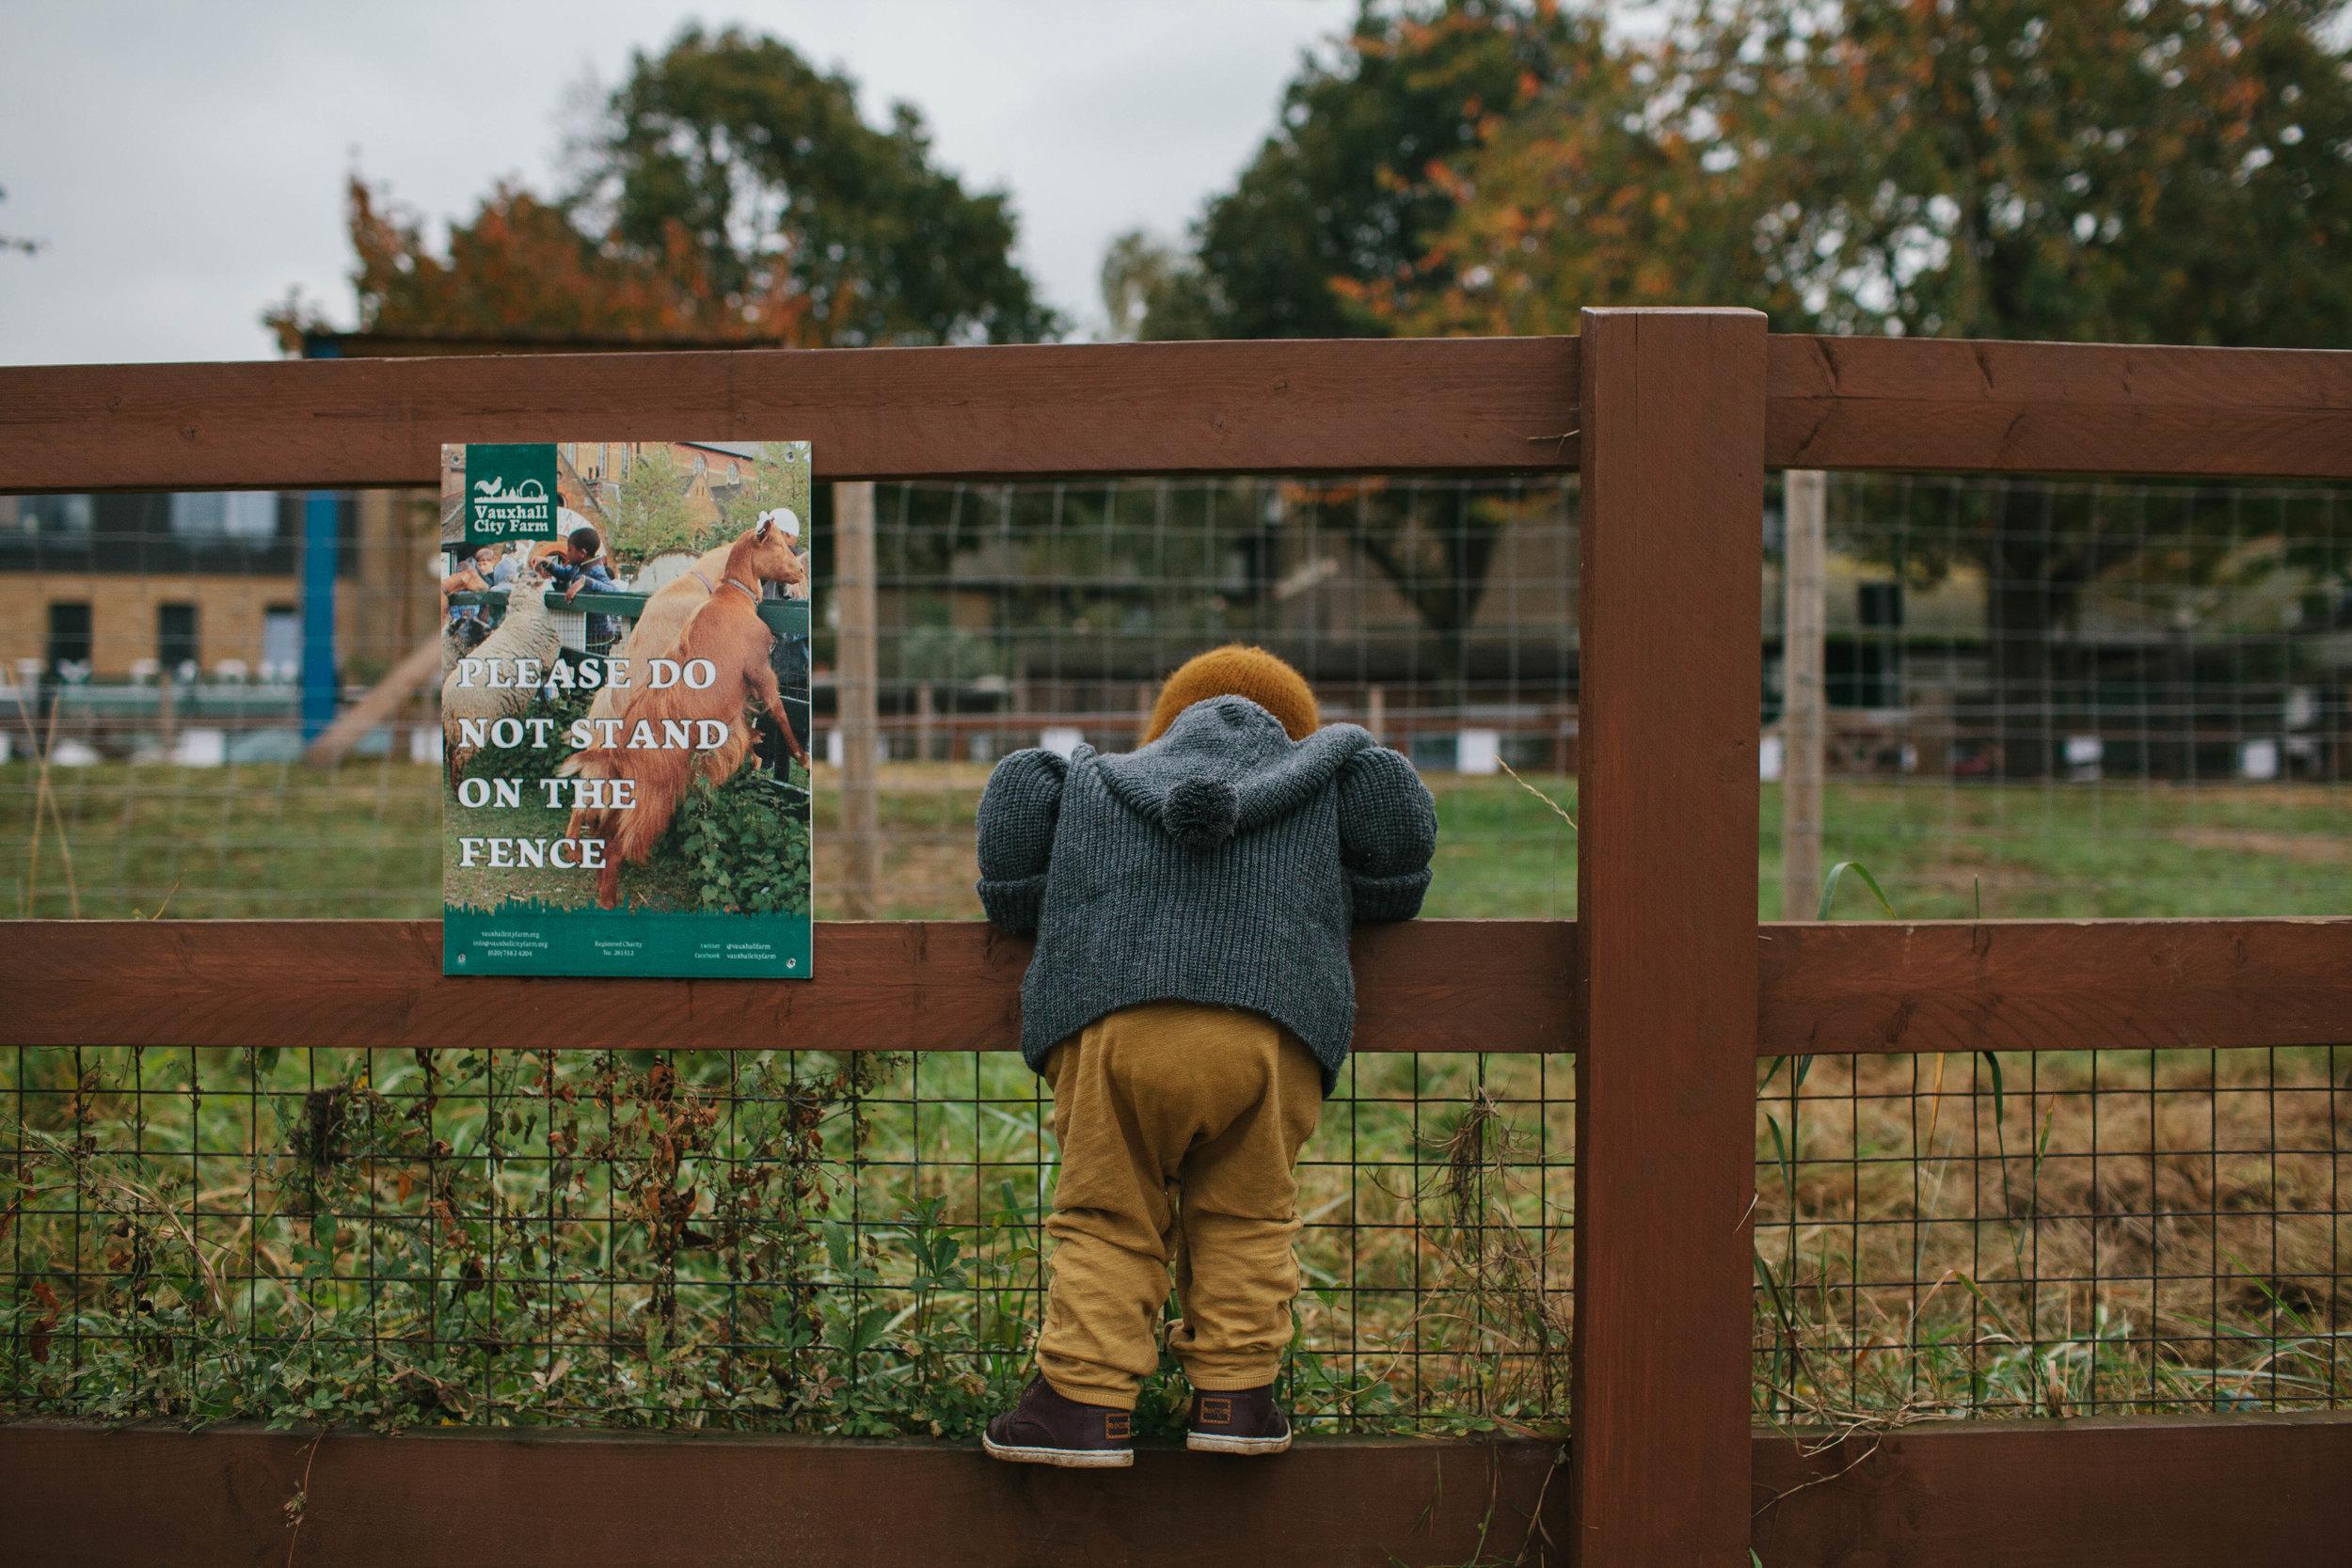 vauxhall_city_farm_autumn-26.jpg